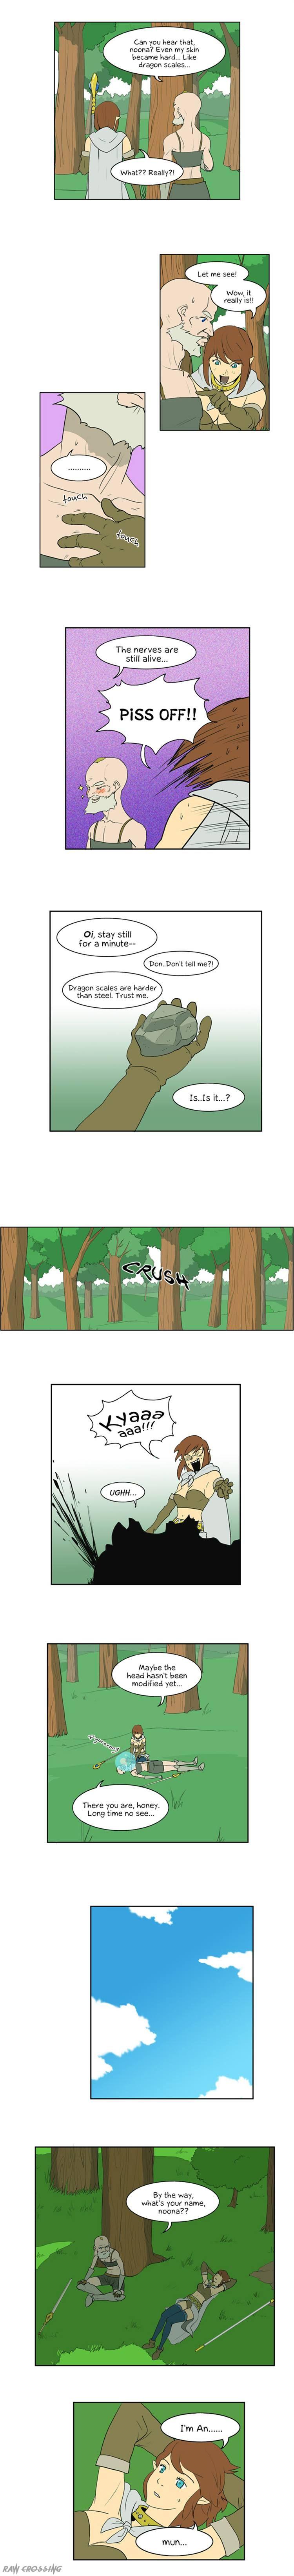 Dragon's Son Changsik 8 Page 3